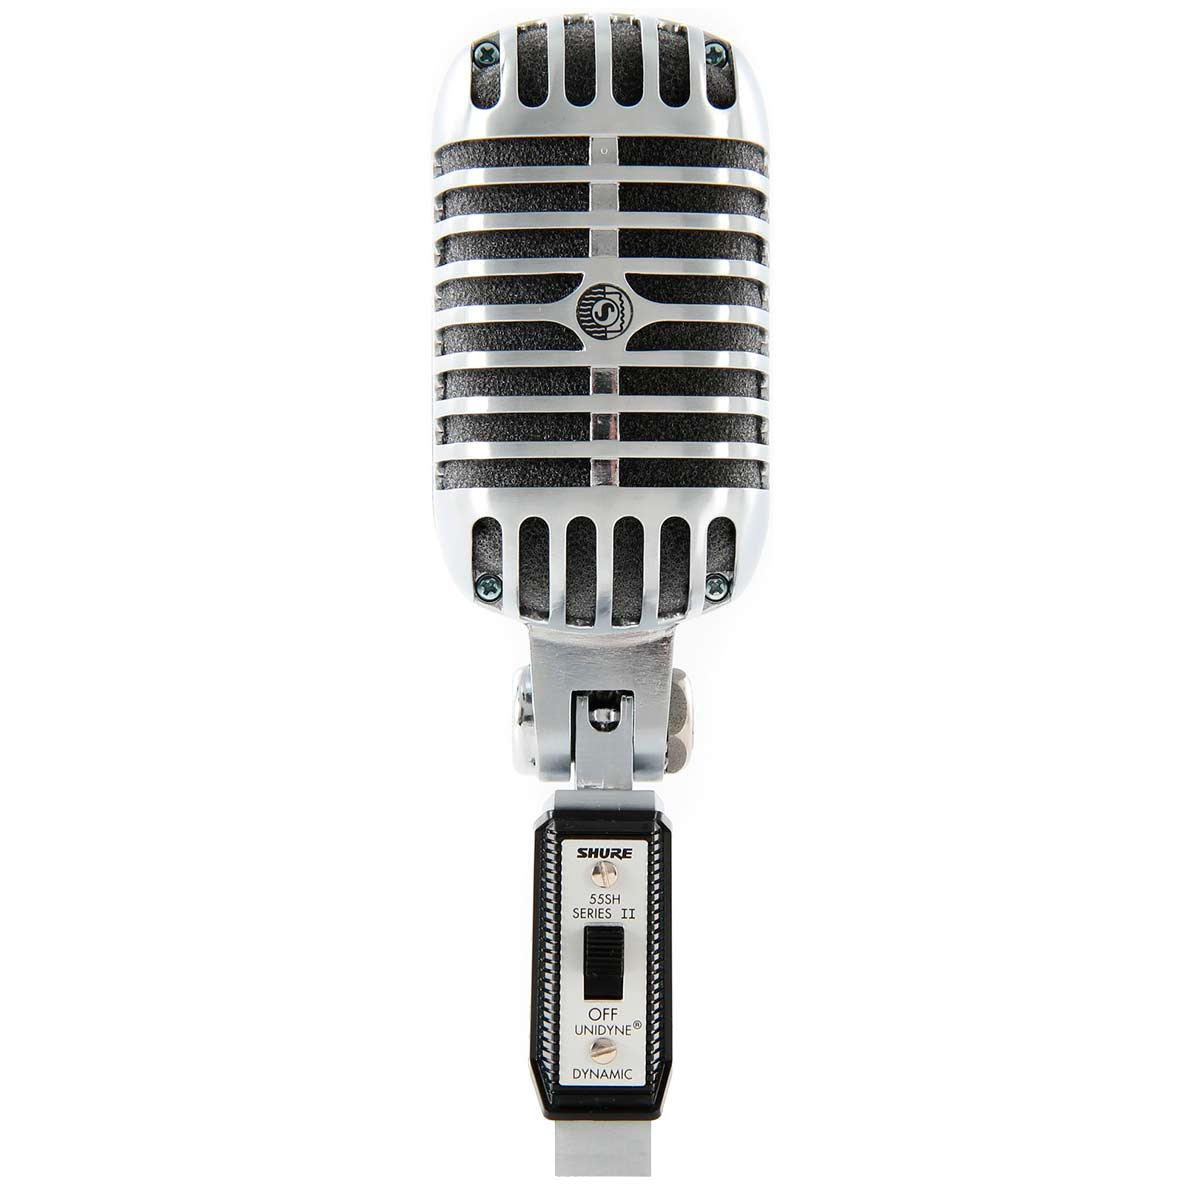 55SH - Microfone c/ Fio de M�o UNIDYNE 55 SH SERIES II - Shure